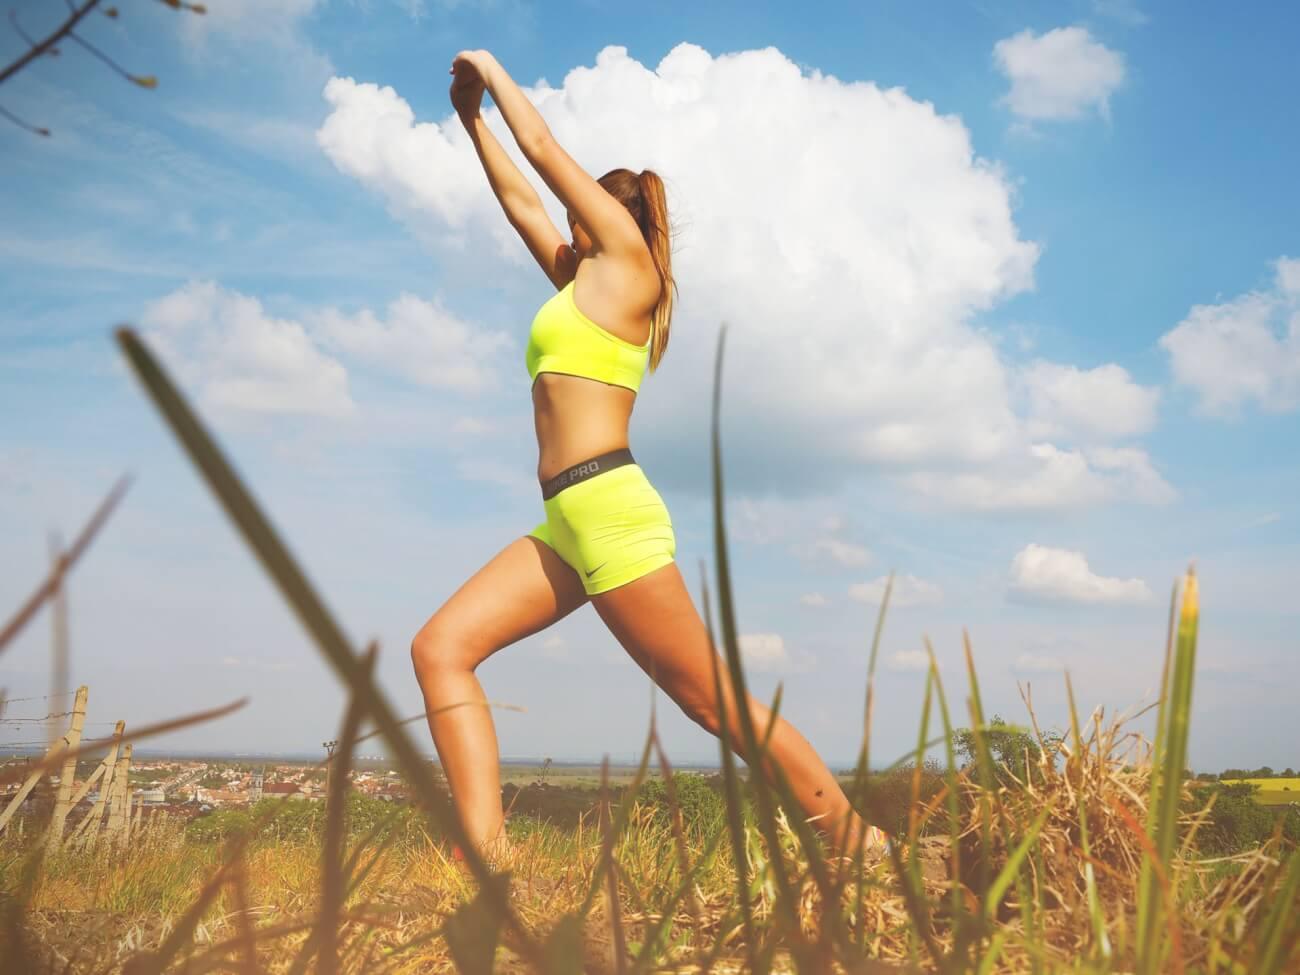 Abnehmen, Diäten, Diät,Schlank, Sport, Schlaf, Fit, Fittnes